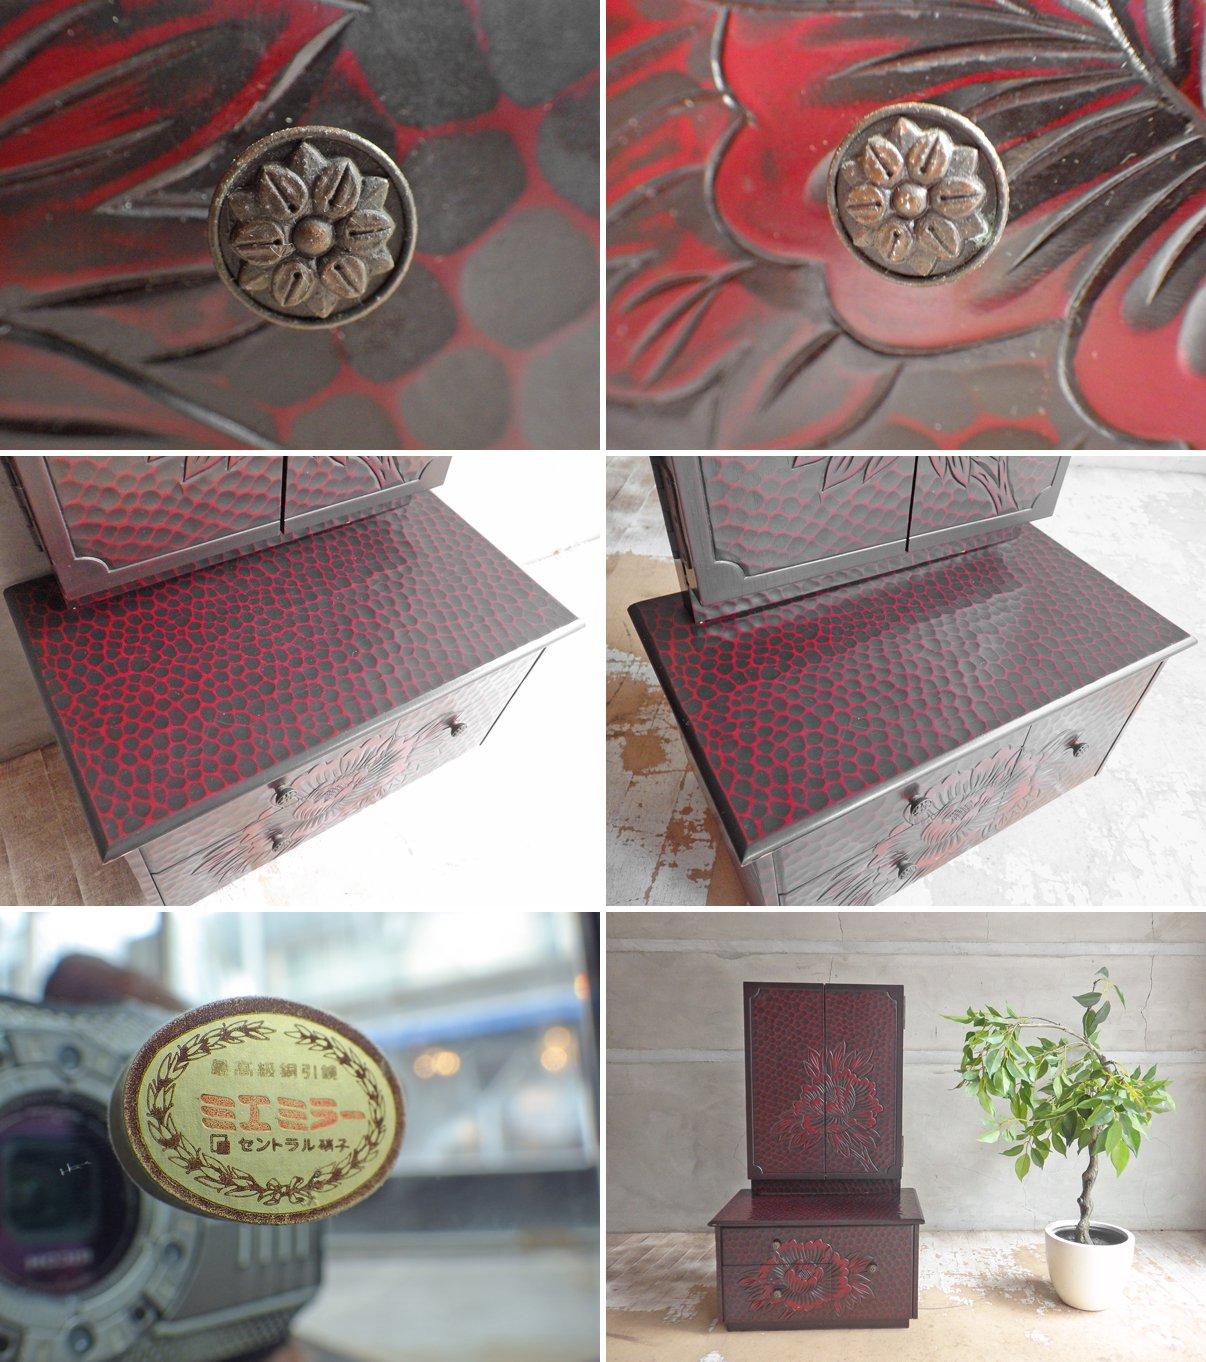 鎌倉彫 鏡台 三面鏡 ドレッサー ミラー 引き出し付き 小型収納 漆塗り 牡丹 民芸家具 ♪